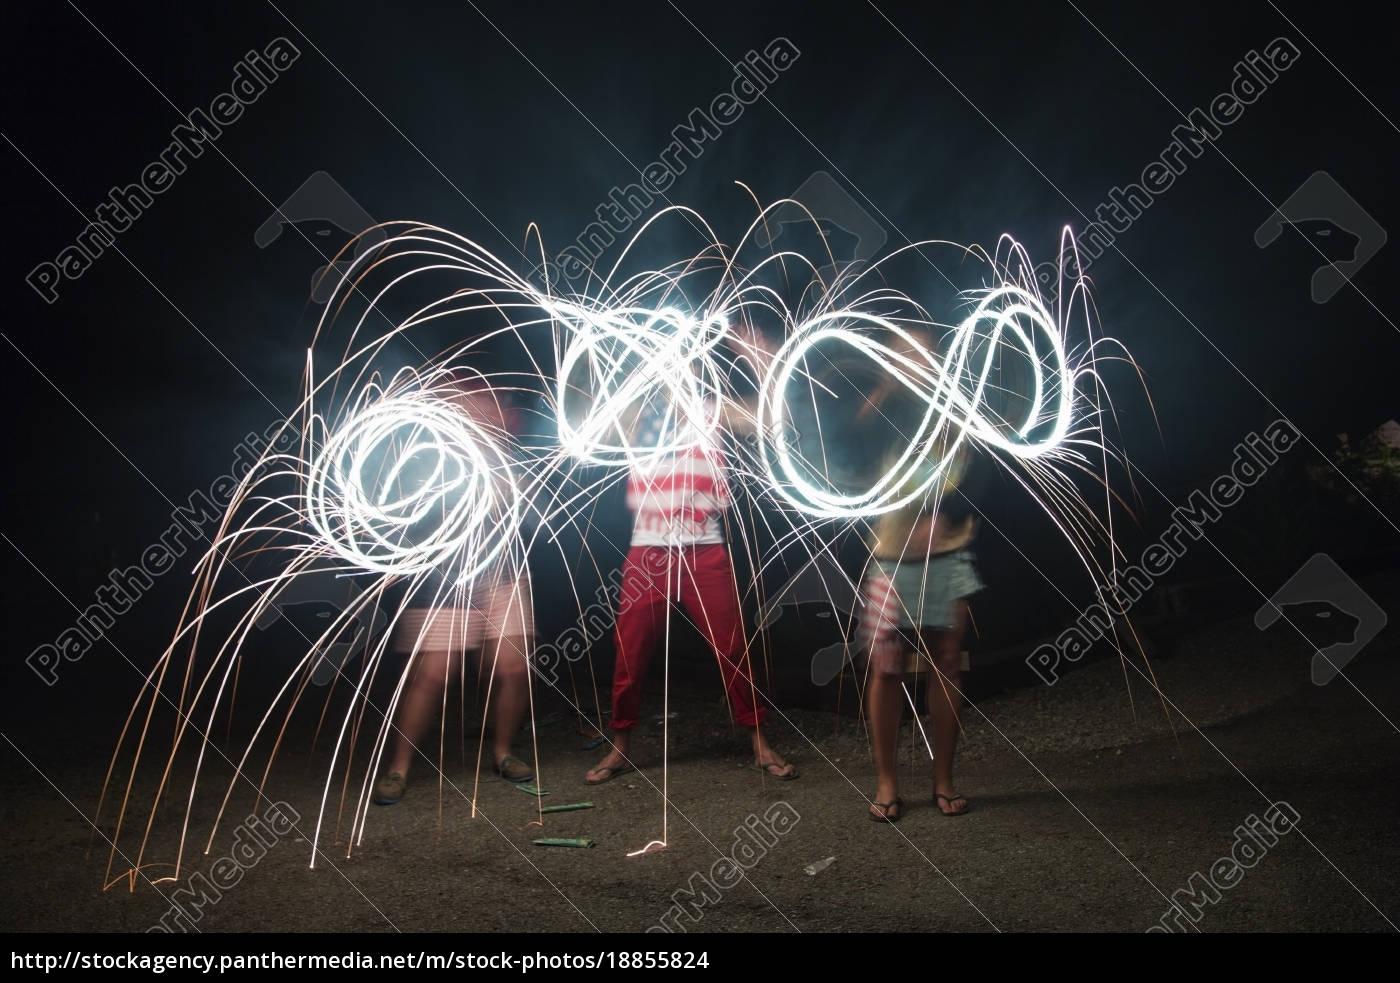 four, adult, friends, making, sparkler, patterns - 18855824